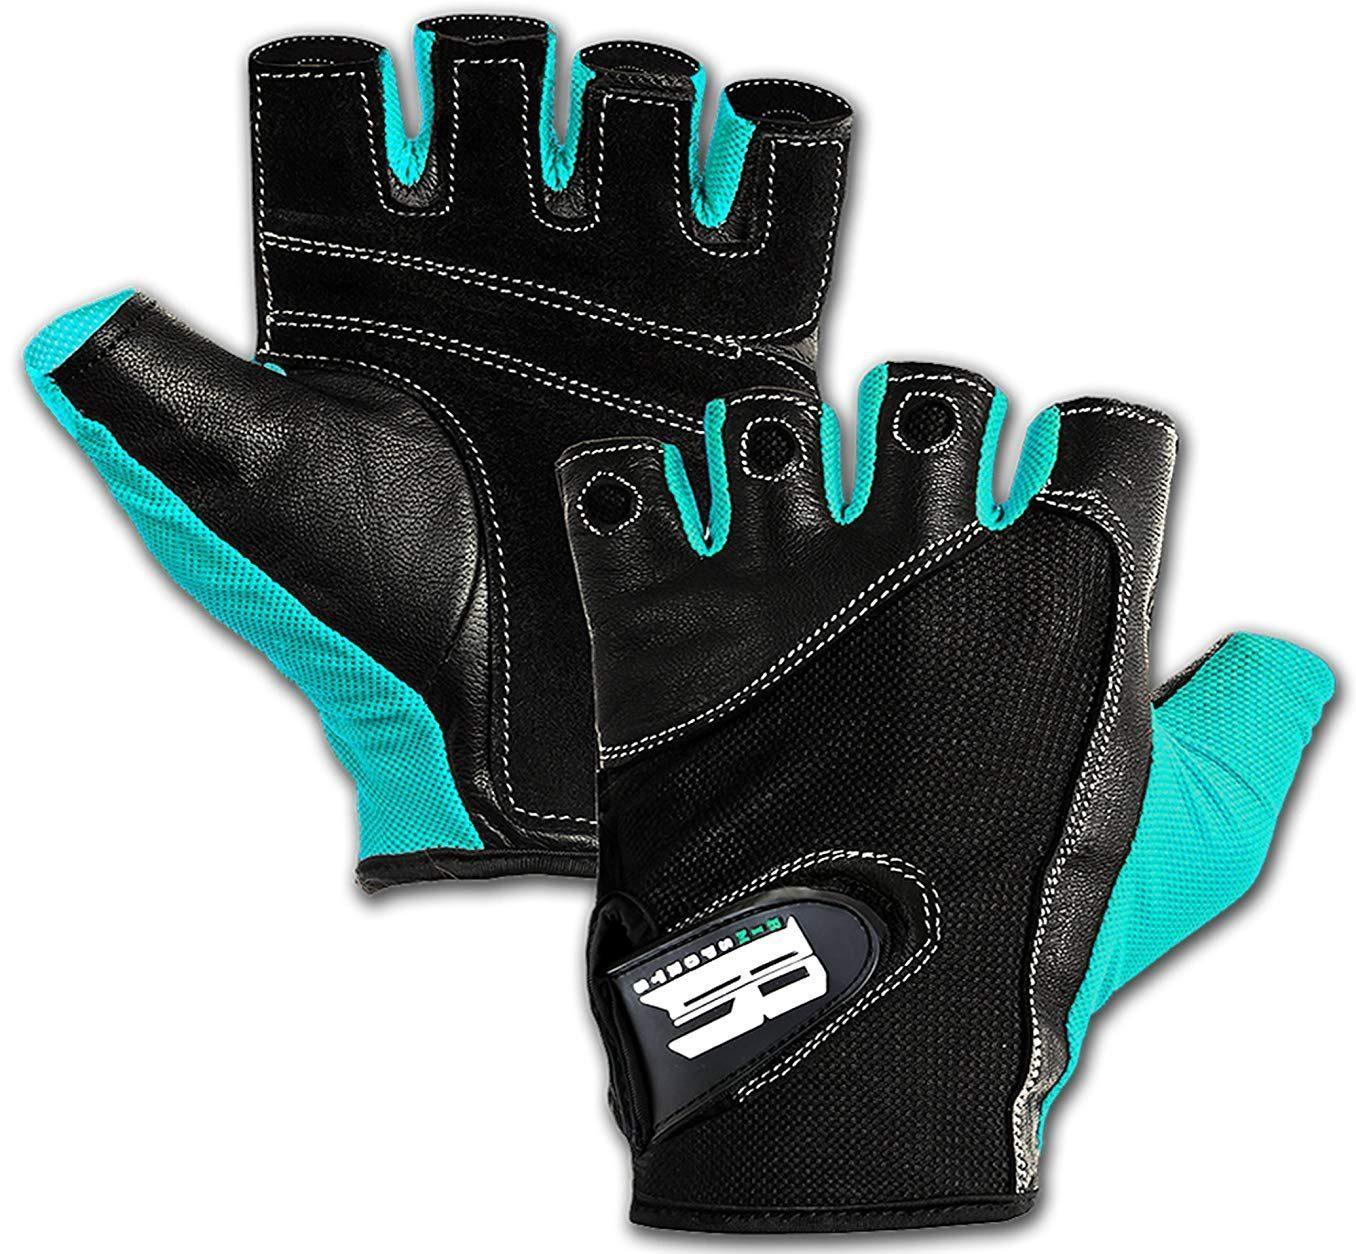 weightlifting gloves rimsports